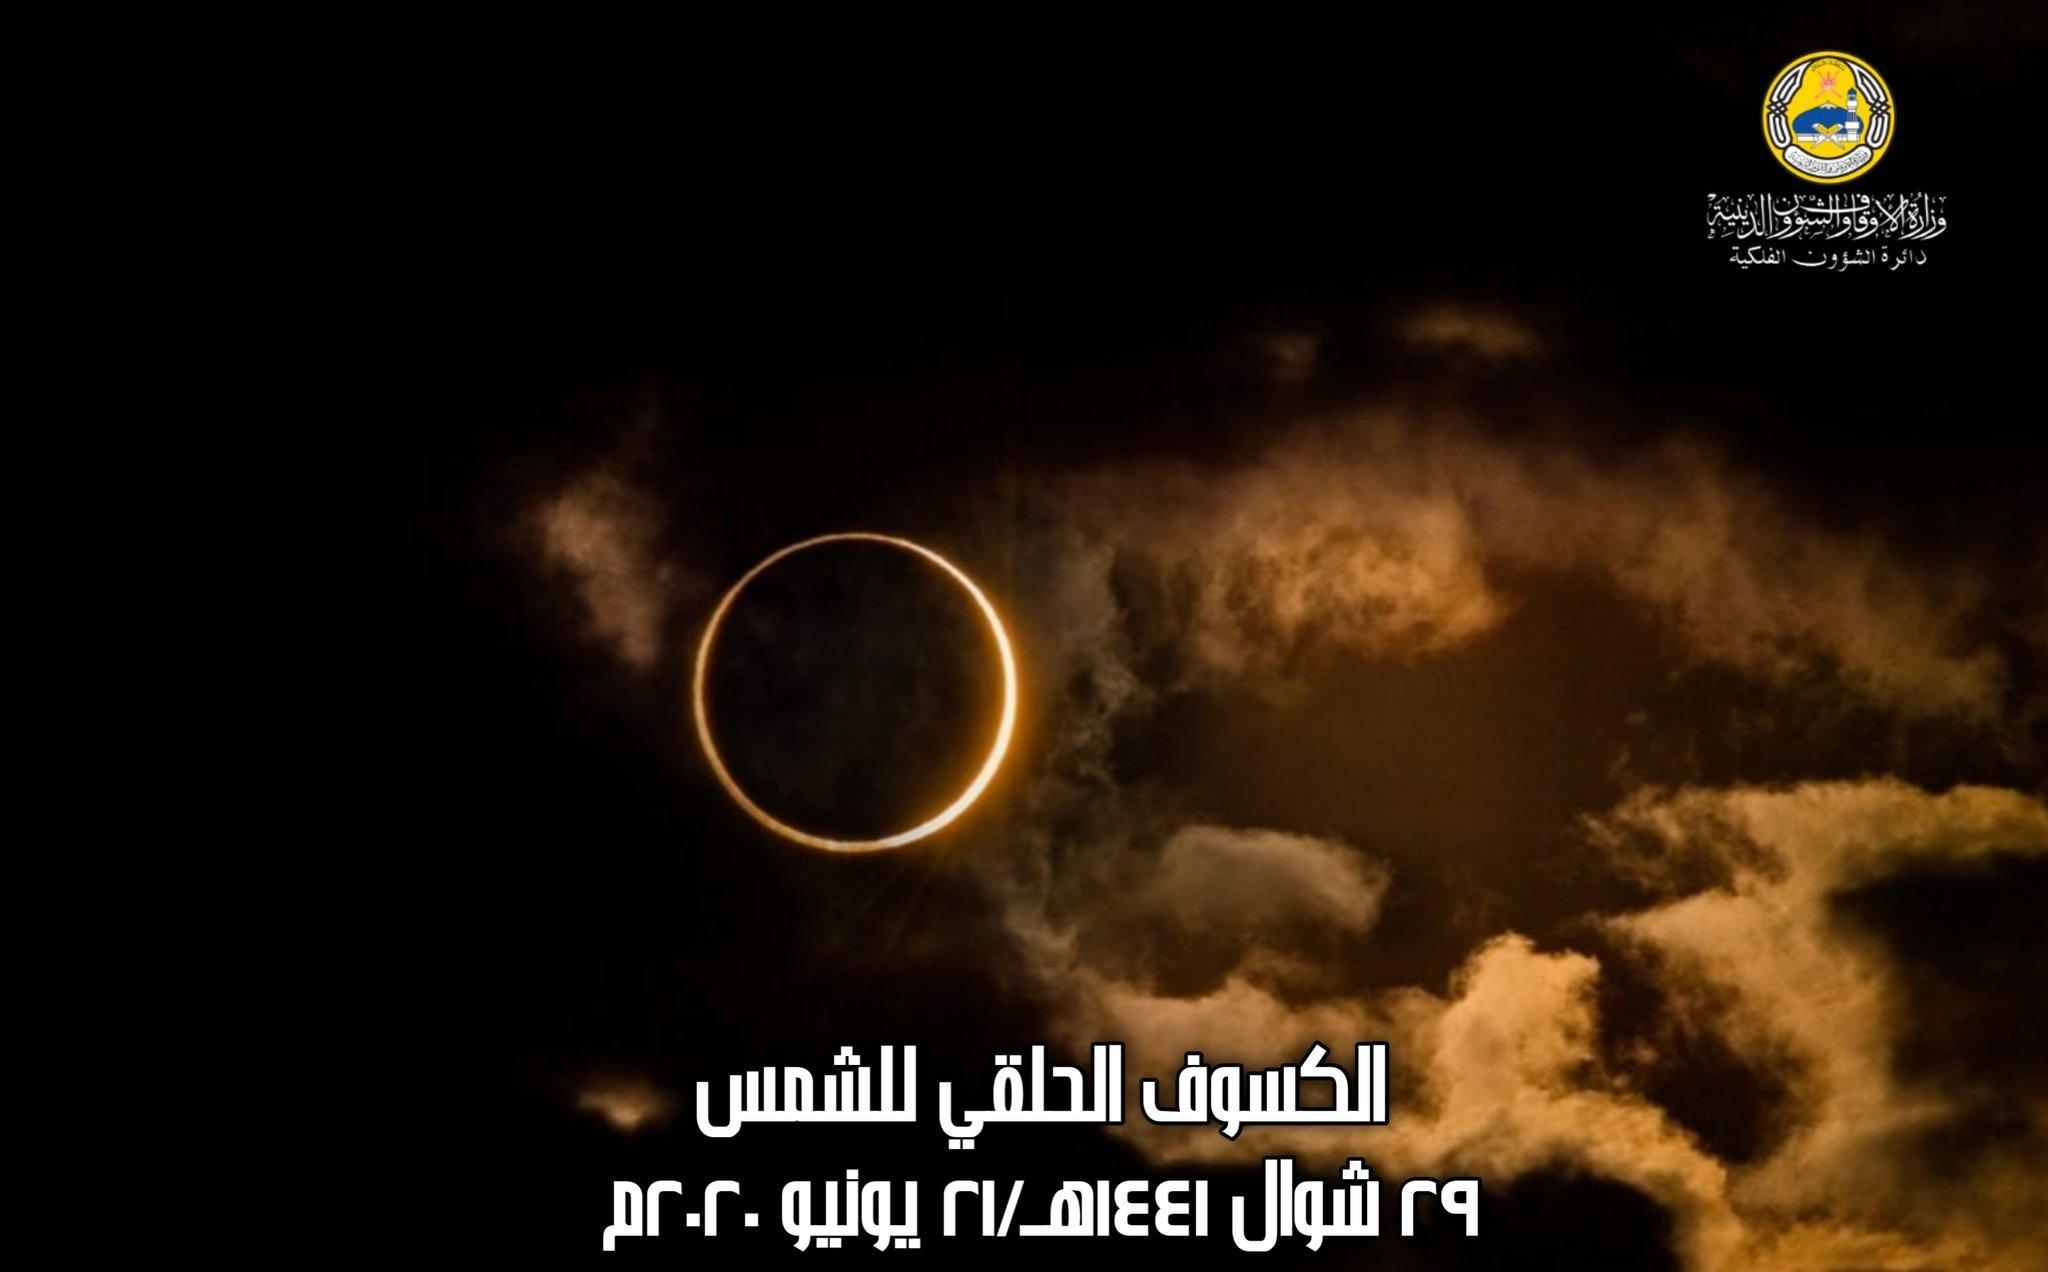 لن يتكرر إلا في عام 2103.. السلطنة تترقب حدث فلكي نادر يوم 21 يونيو الجاري